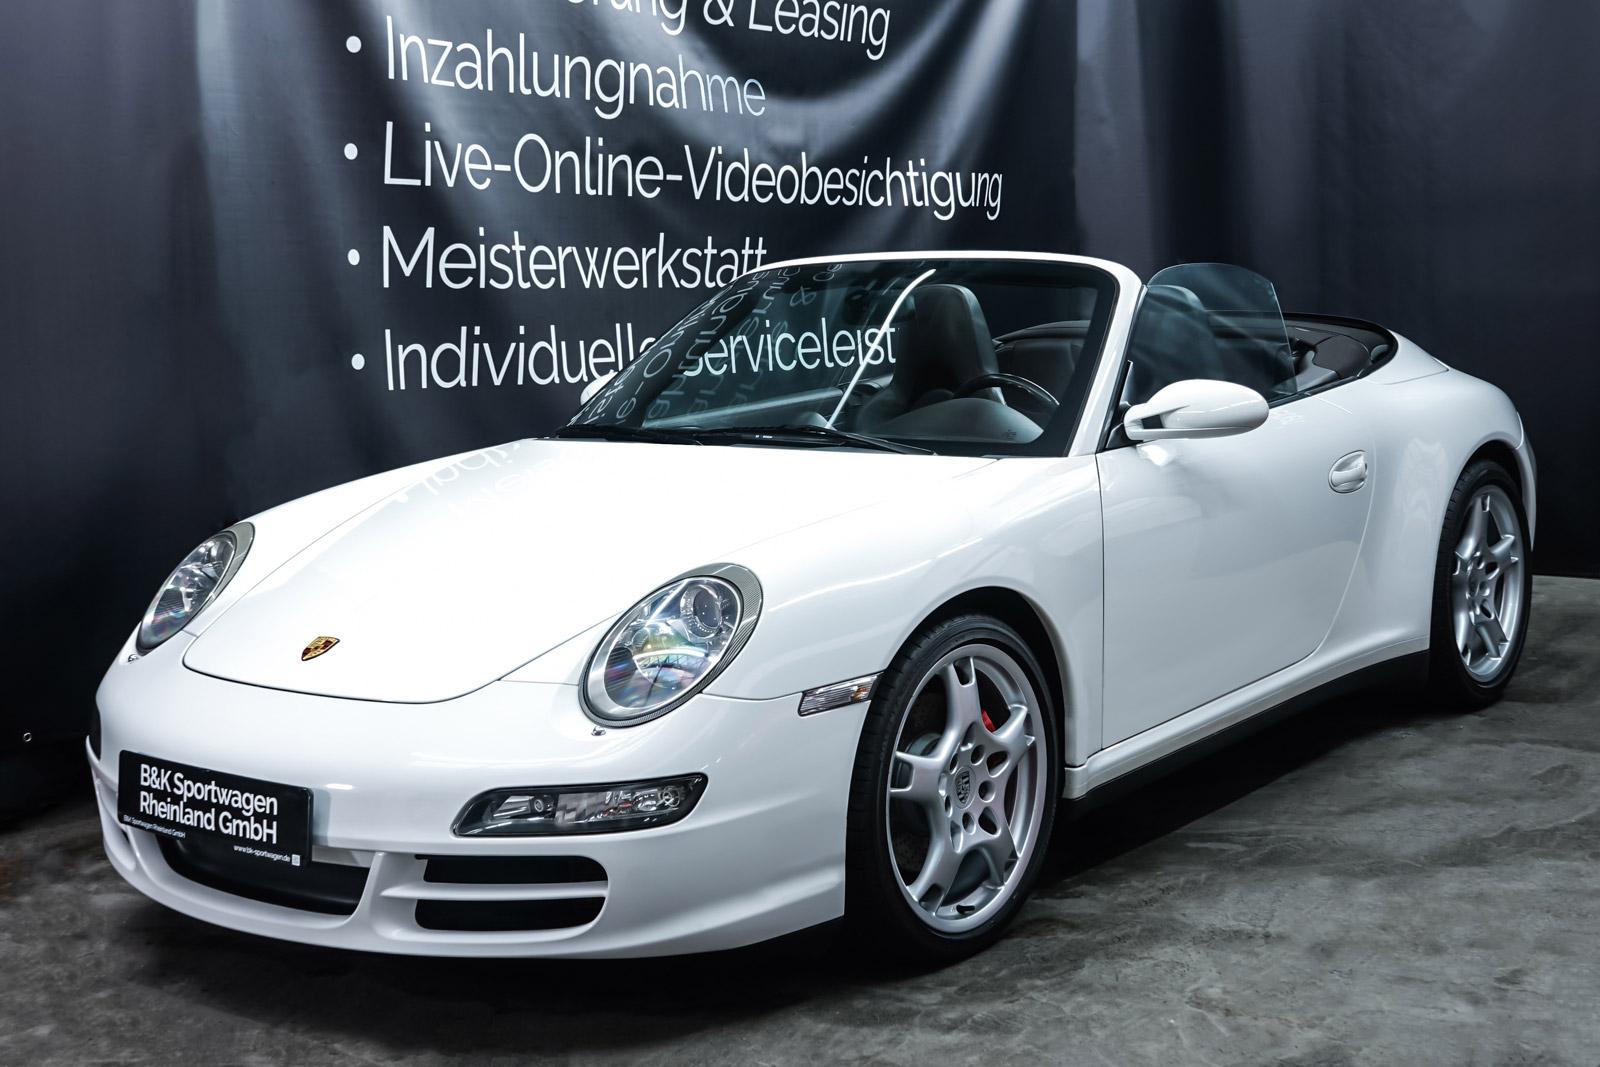 Porsche_997_C4S_Cabrio_Weiß_Braun_POR-4557_7_w